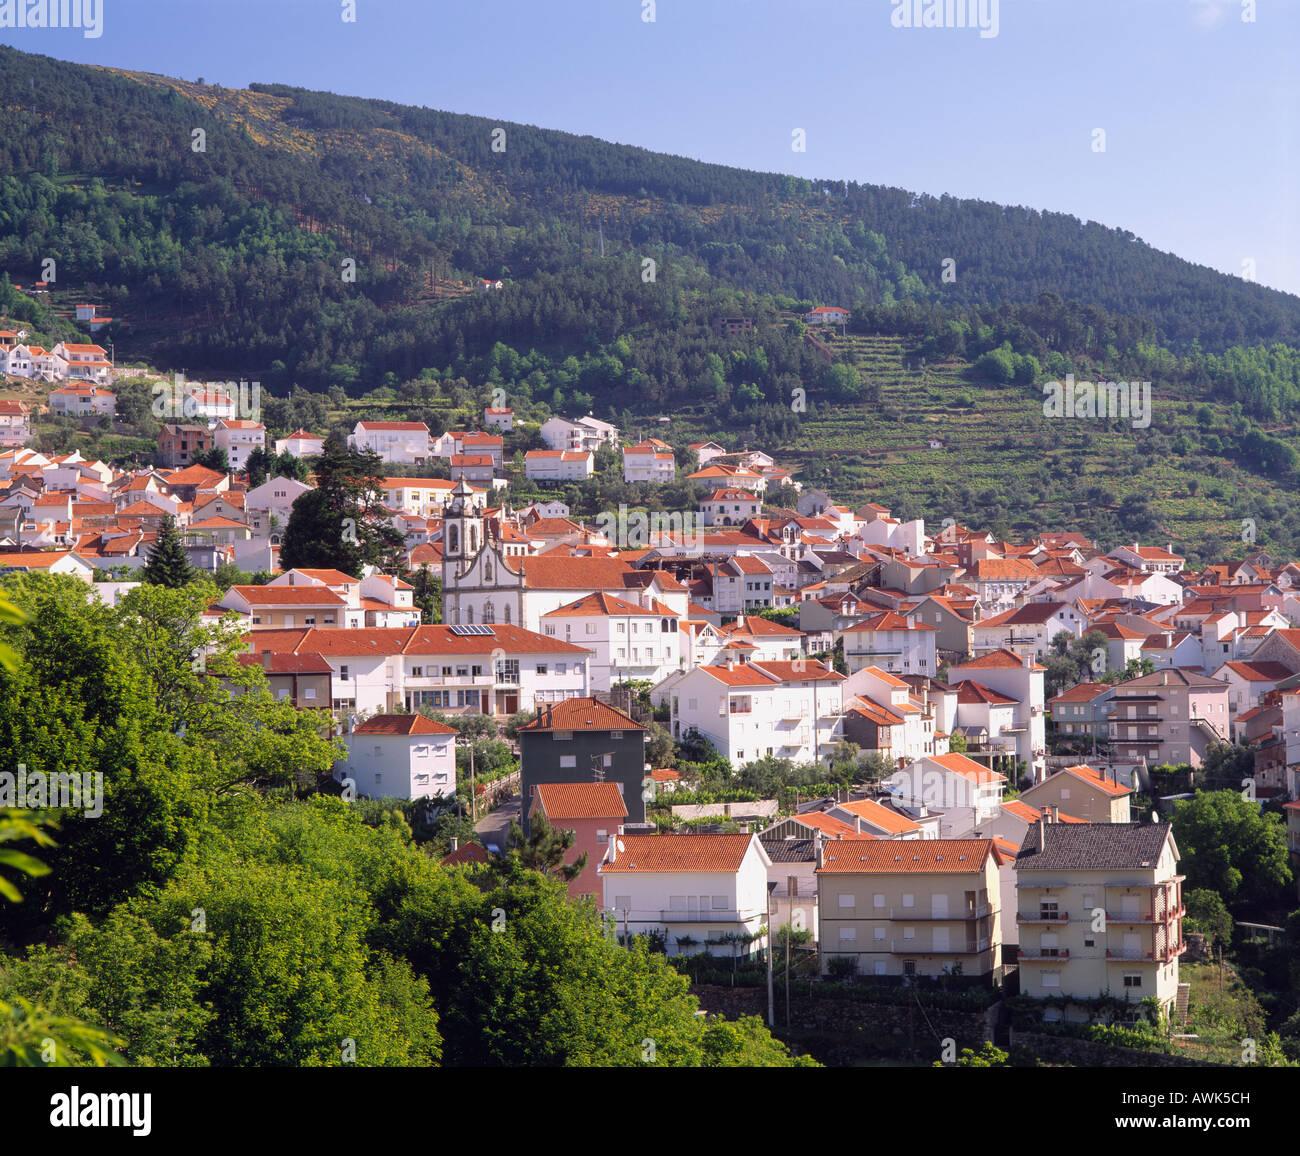 Manteigas, Serra da Estrela, Beira Alta, Portugal Stock Photo, Royalty Free Image 16600672 Alamy